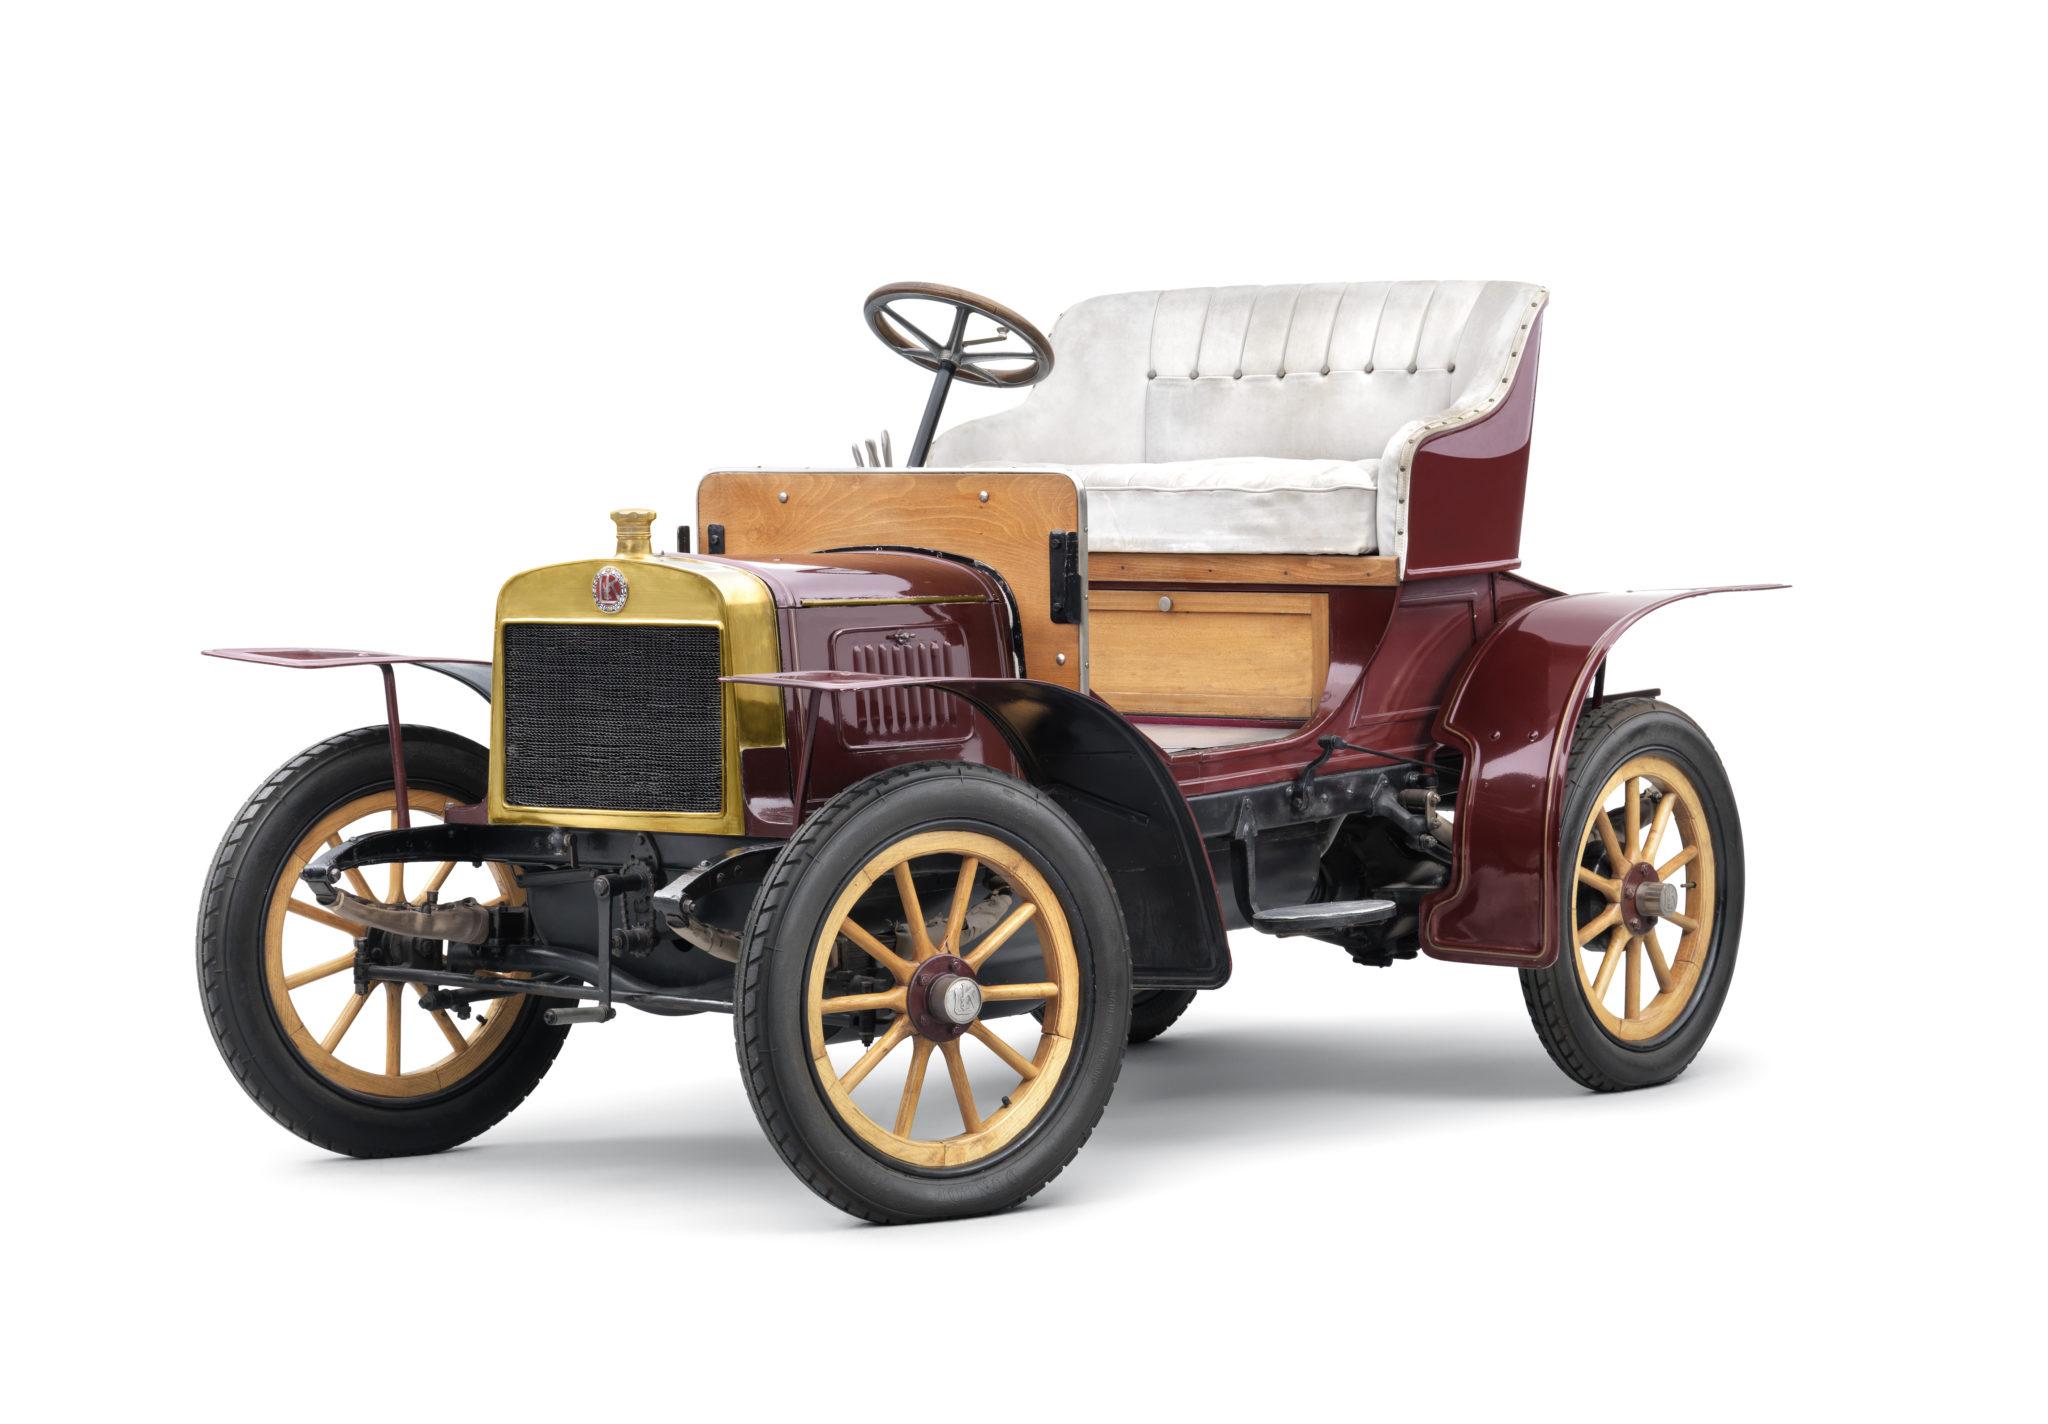 Už v roku 1905 debutoval prvý automobil Laurin & Klement, model Voiturette A